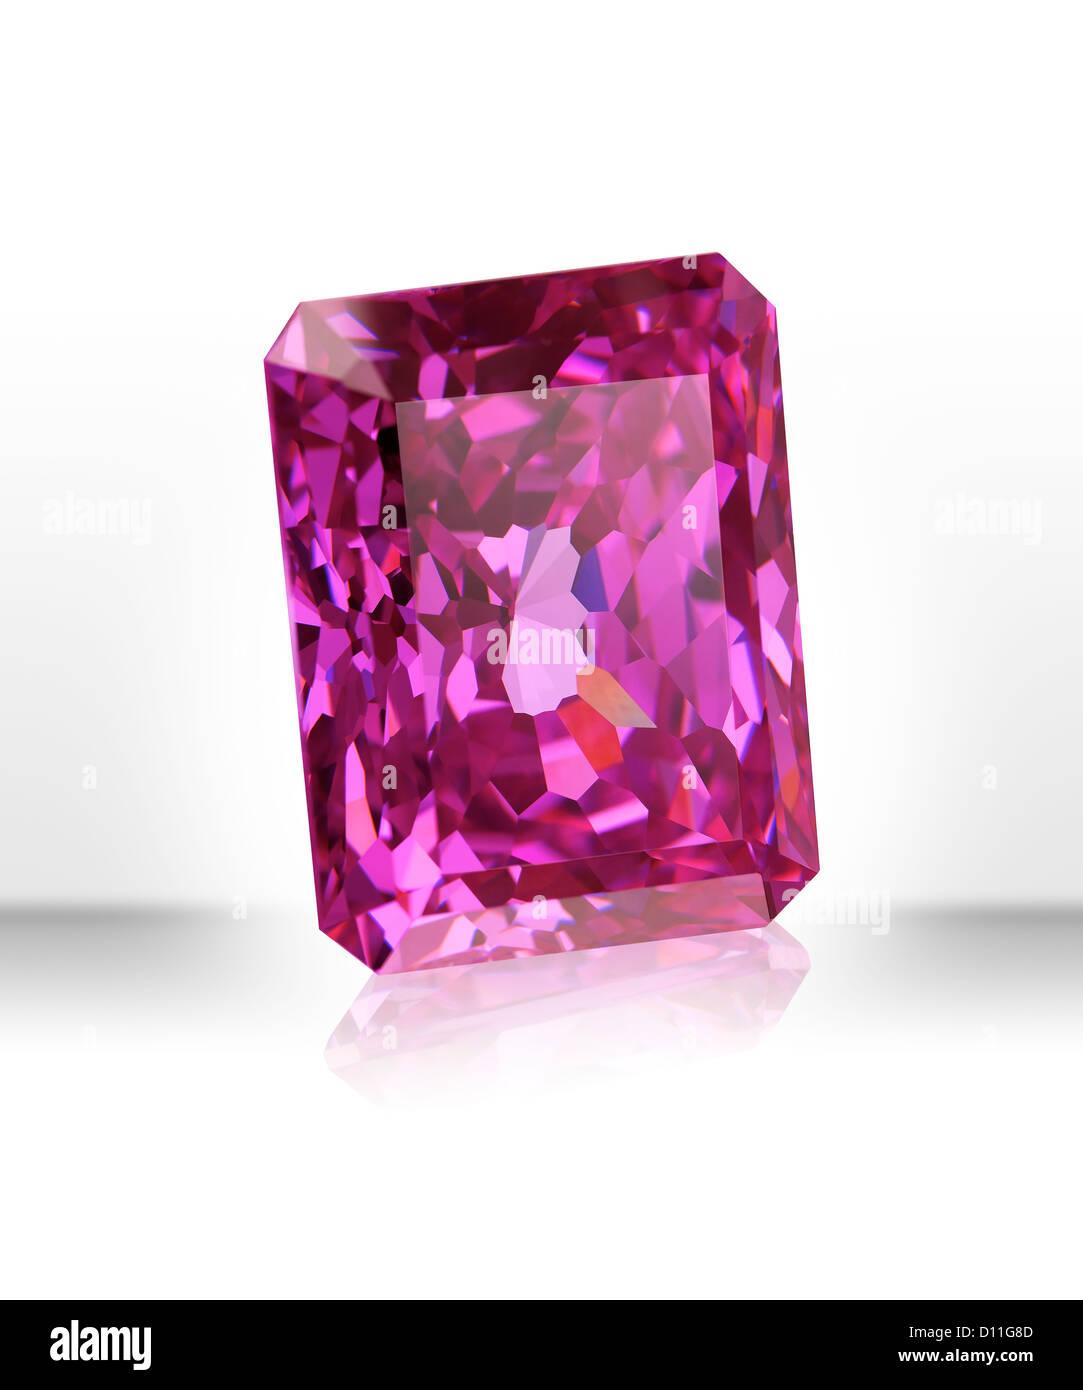 Pink rectangular gemstone - Stock Image